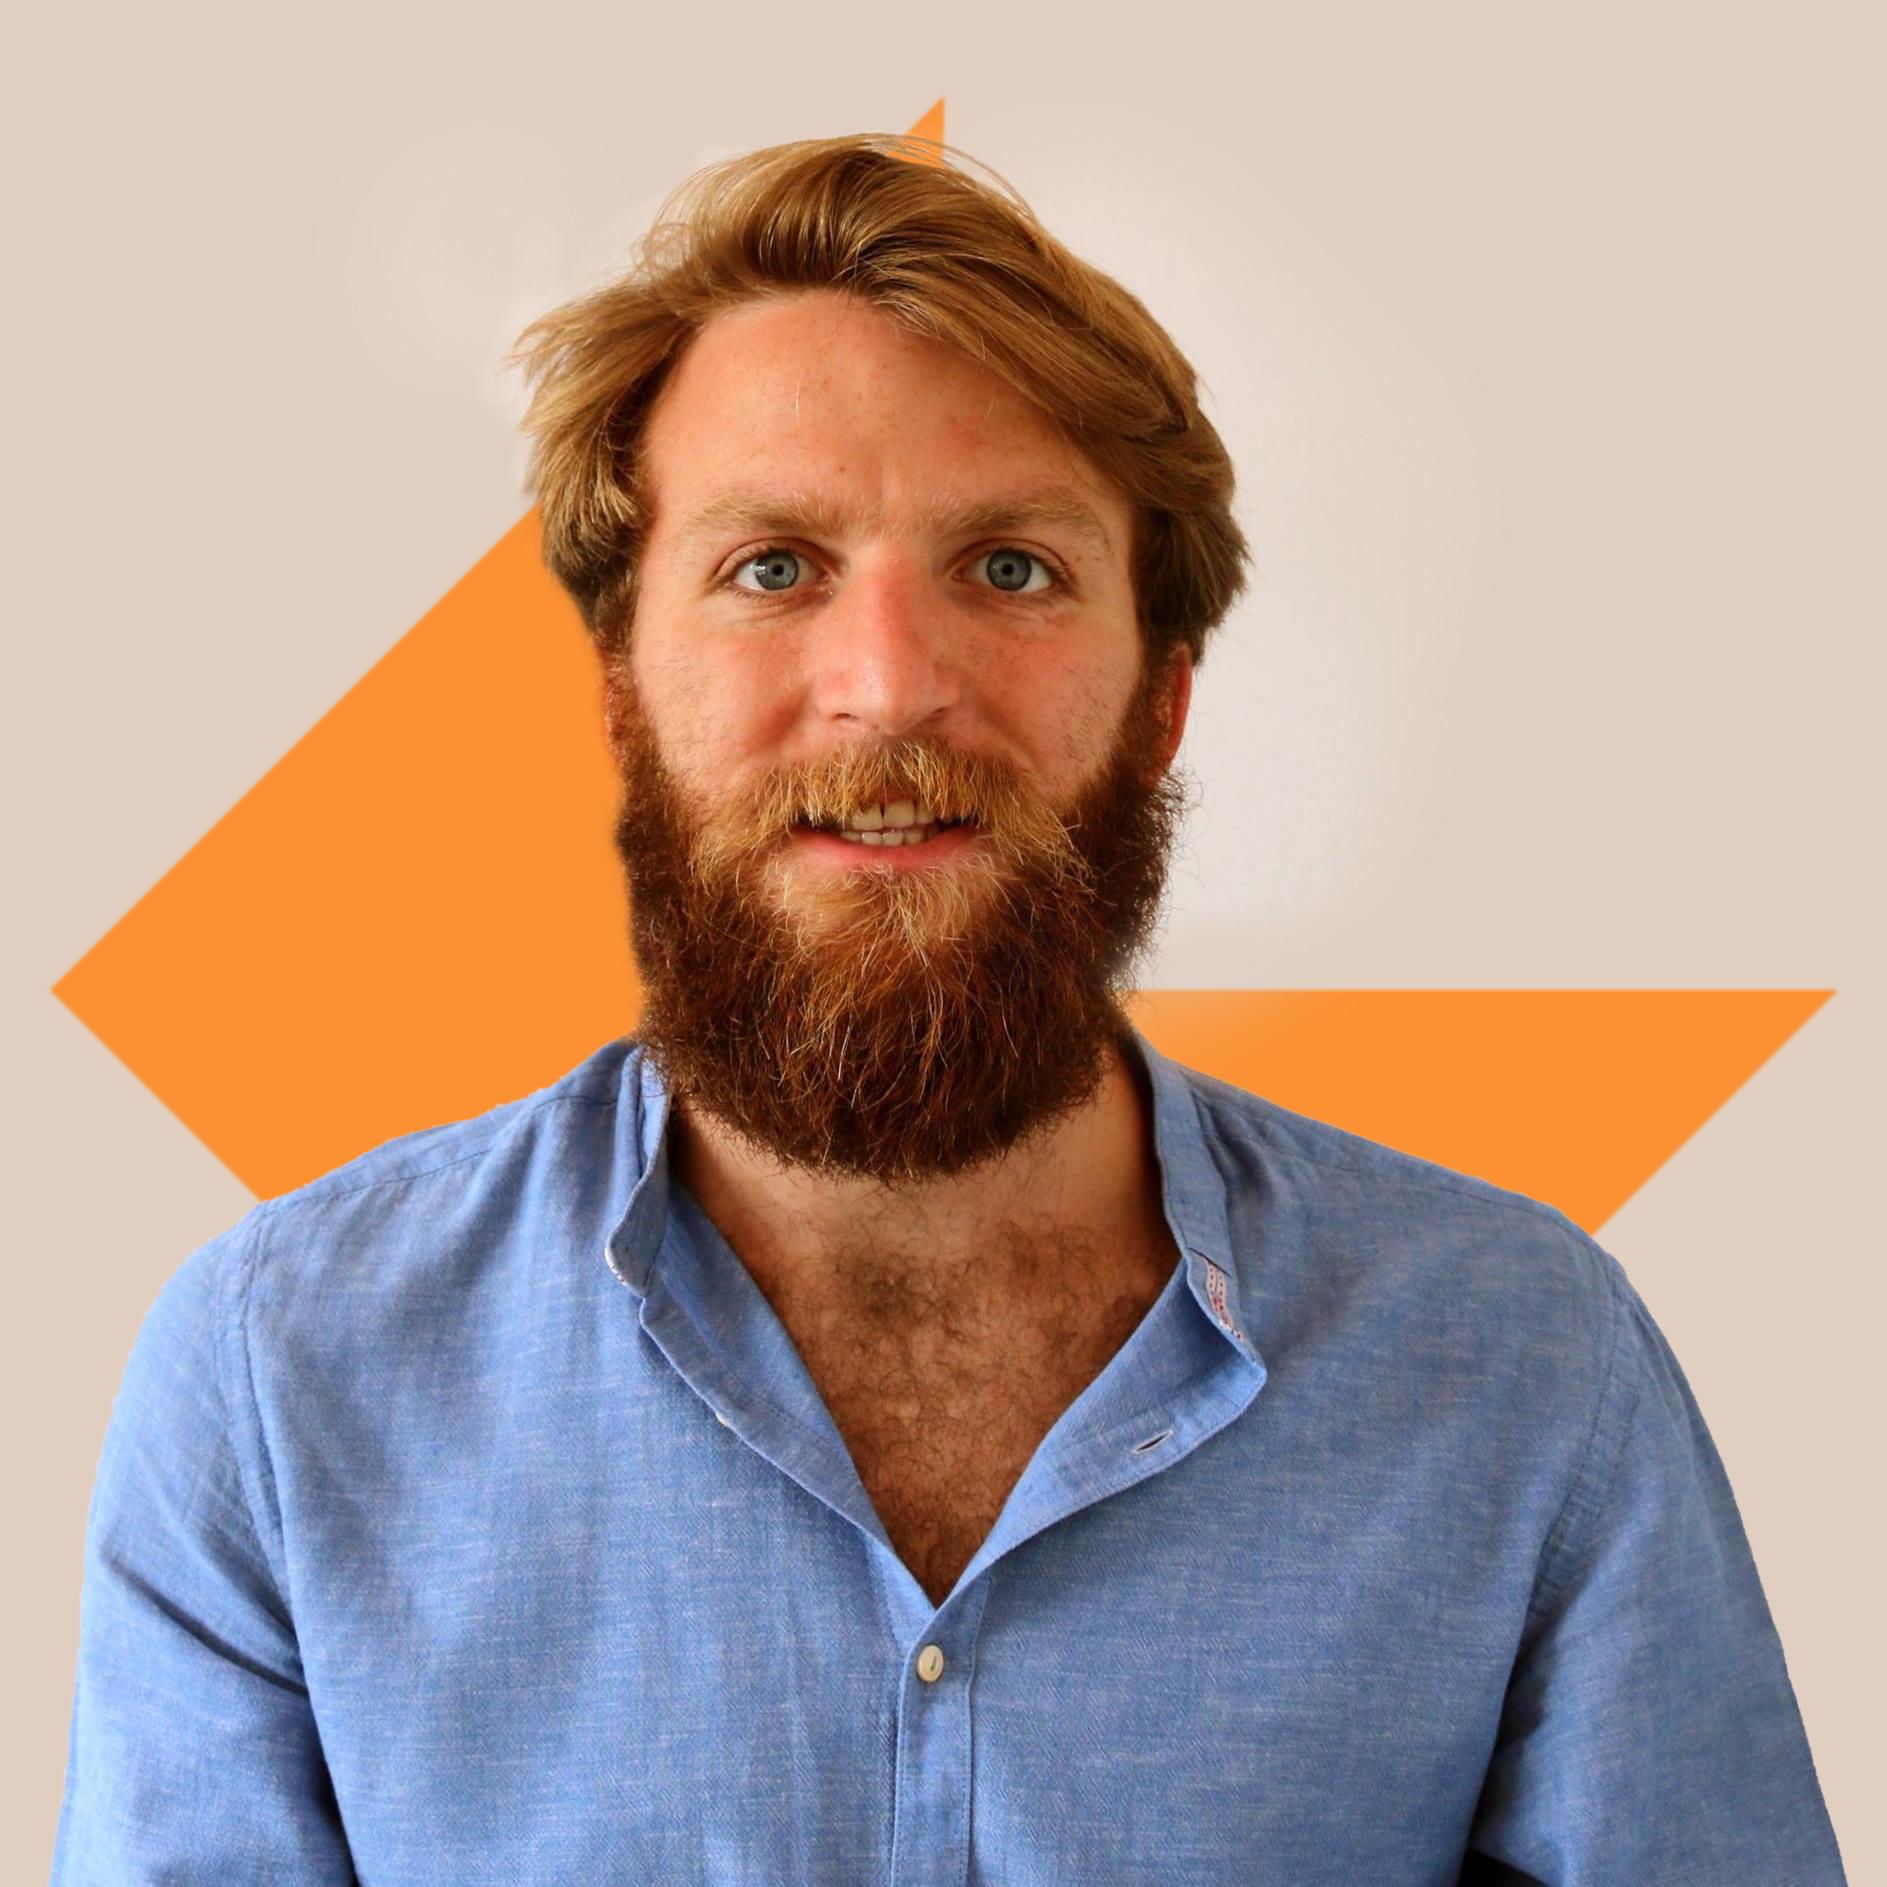 Grégoire Duruflé Designer Graphique et Web basé à Montréal